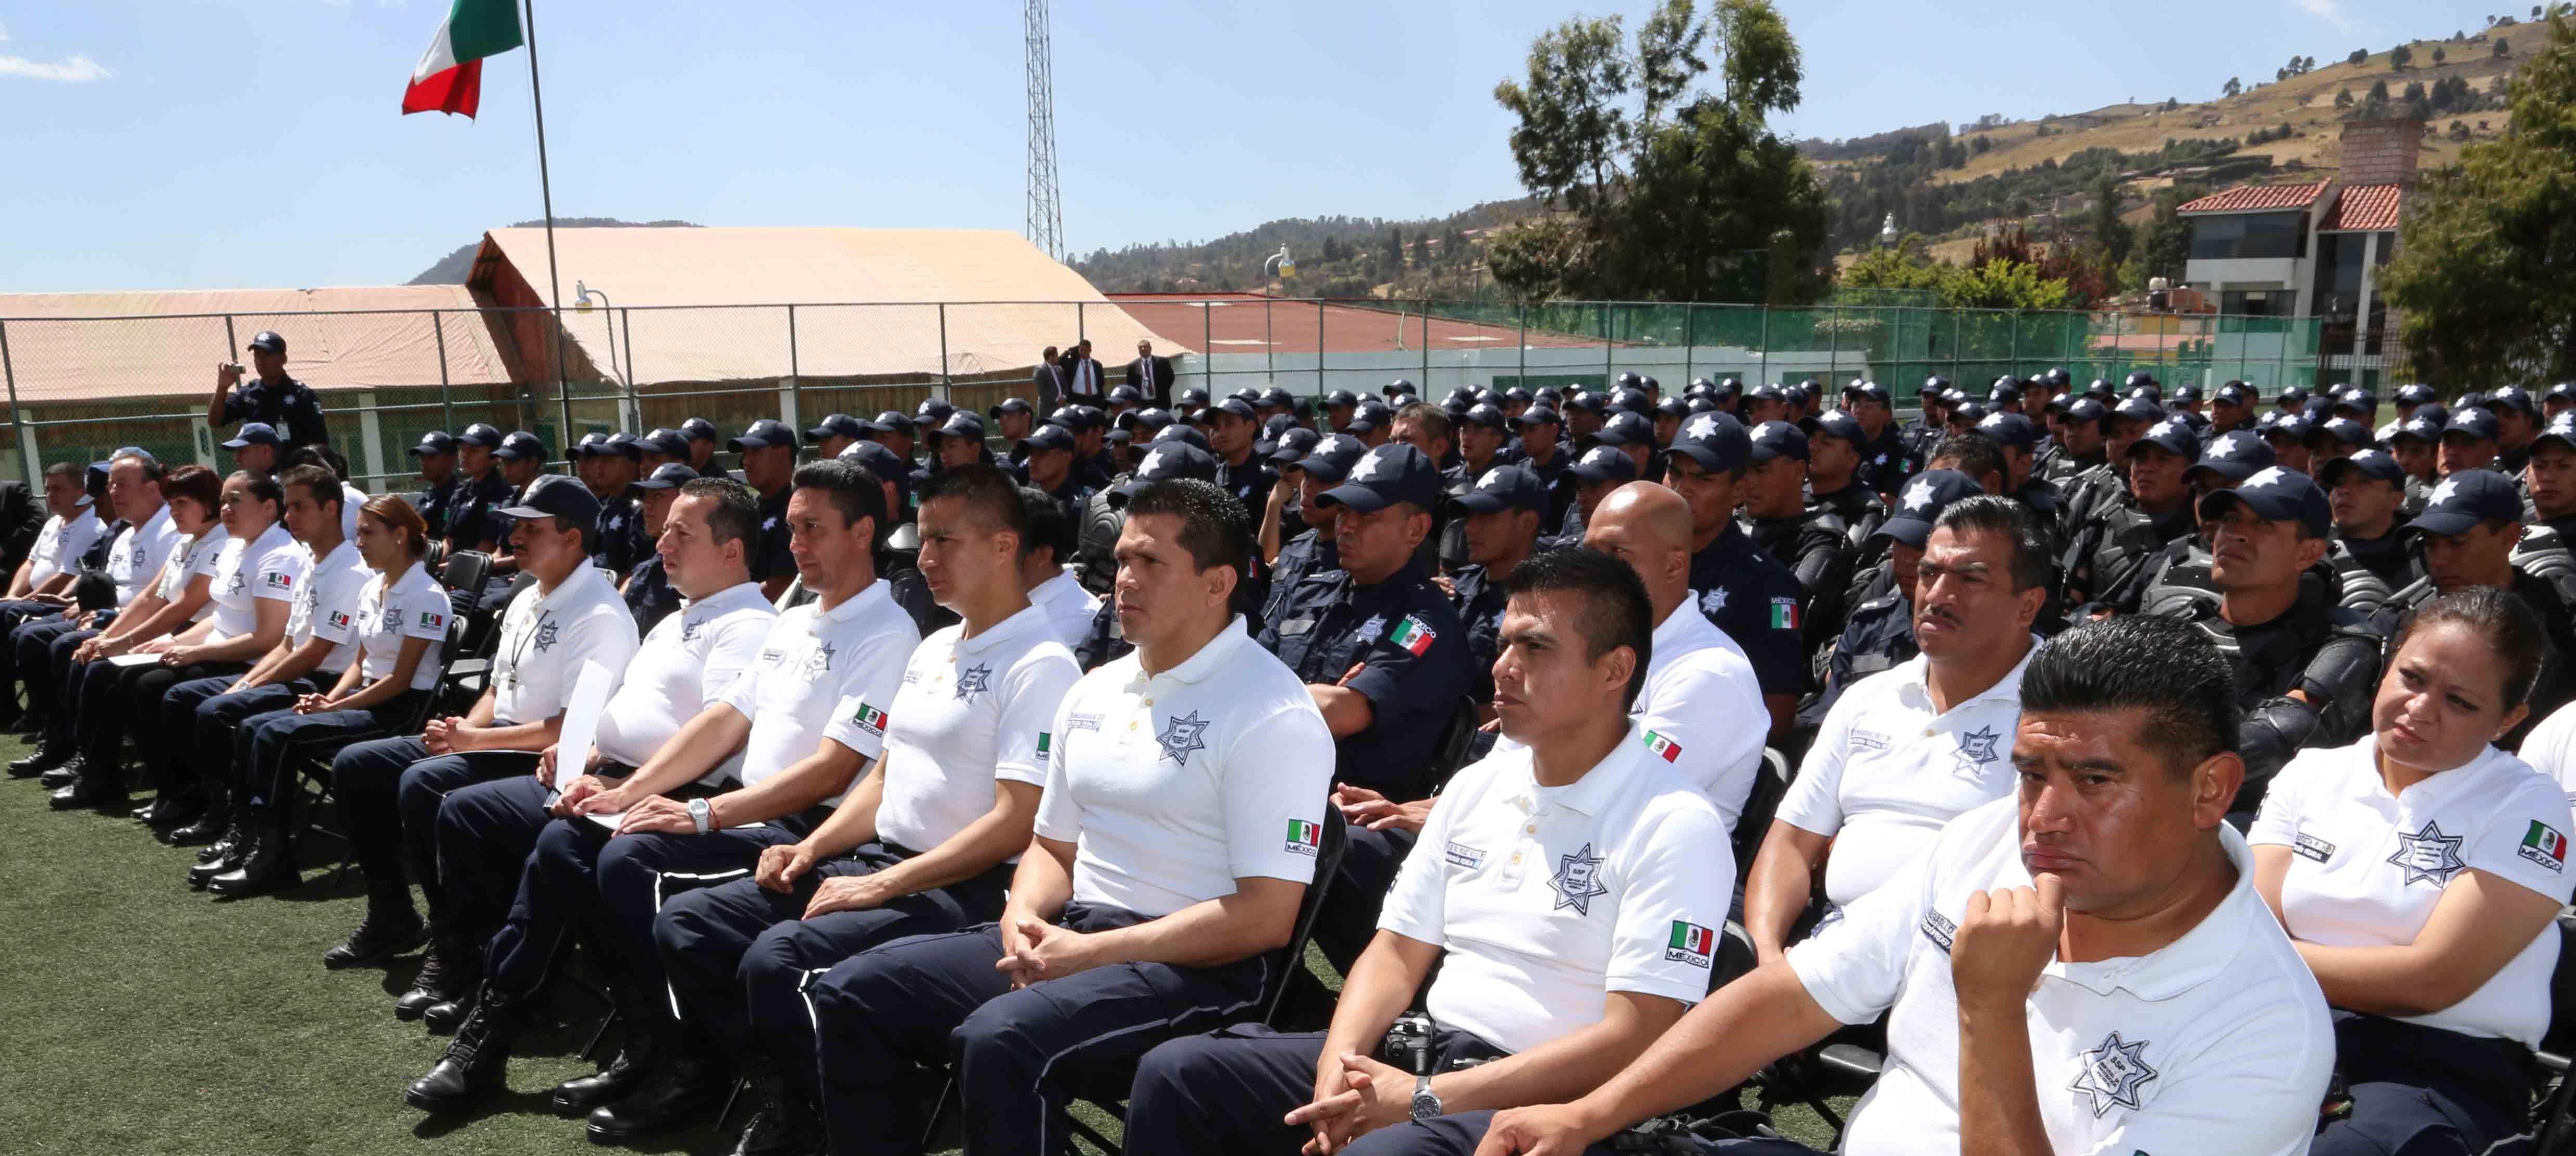 La Décima tercera generación de graduados del Servicio de Protección Federal se suma al esfuerzo que encabeza la Comisión Nacional de Seguridad y la Policía Federal